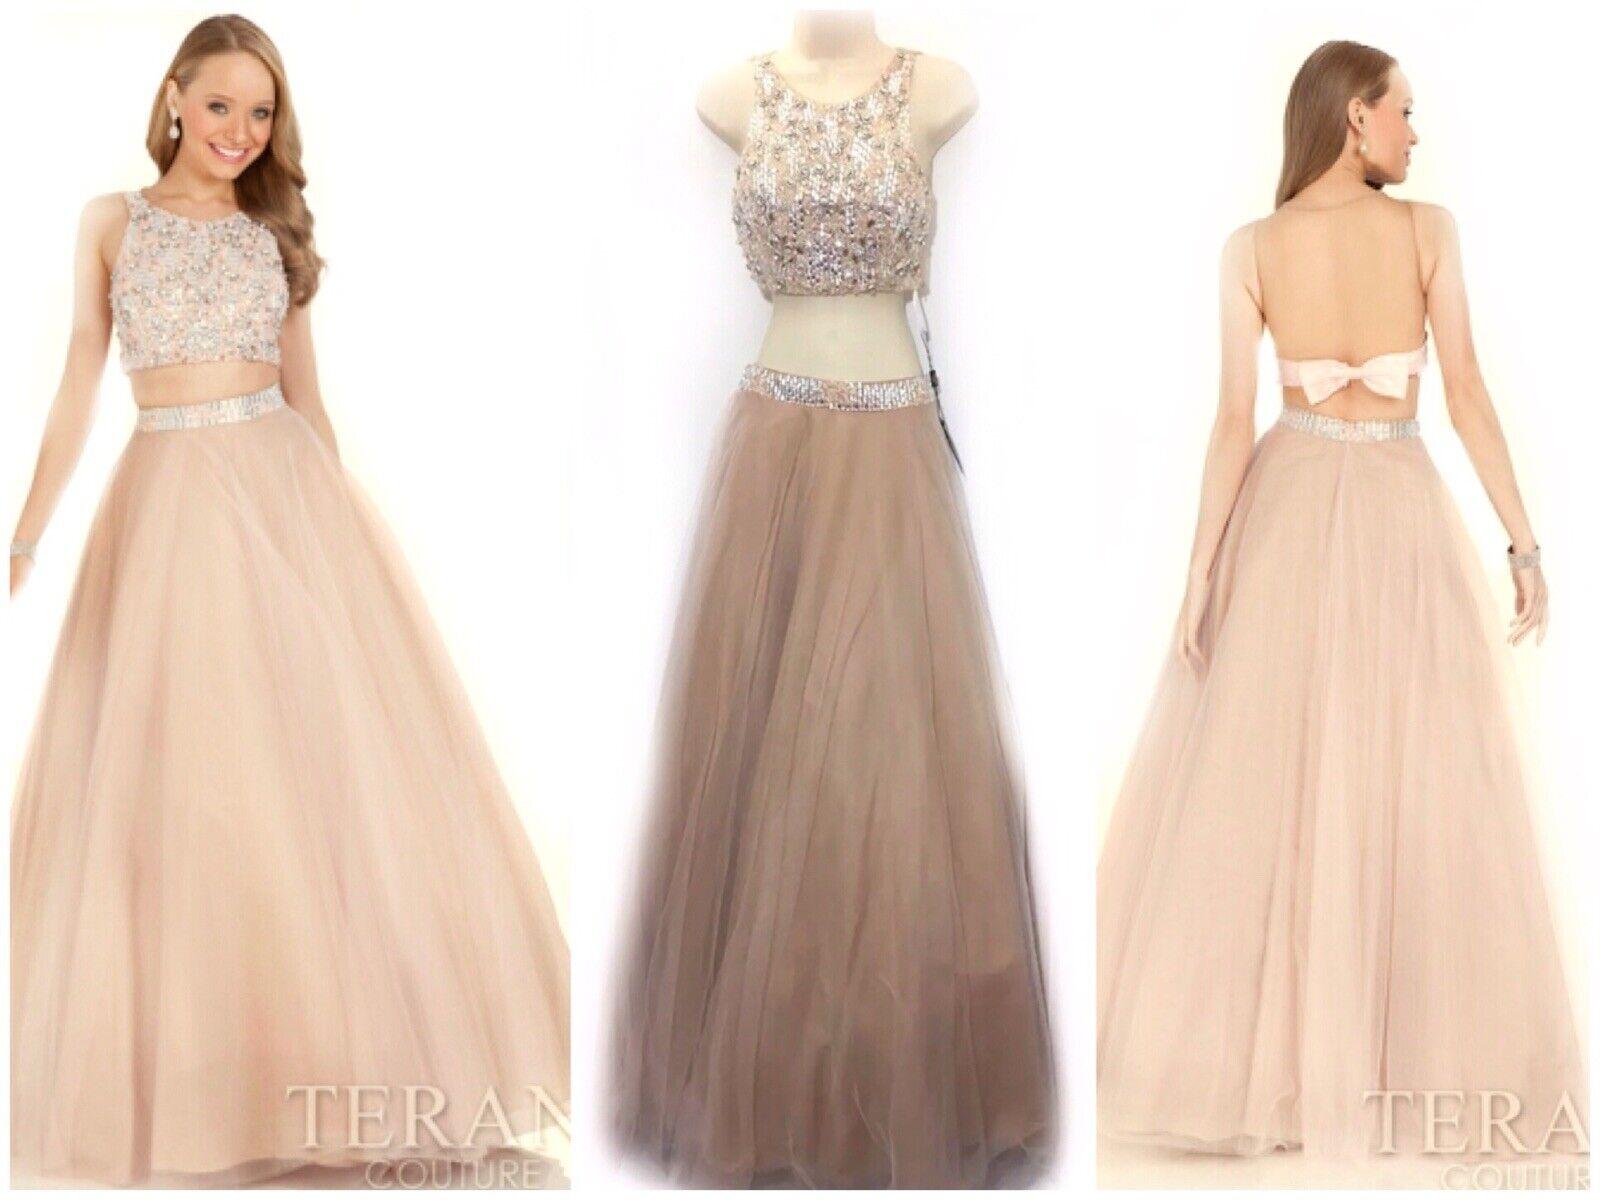 Rubor Nude Terani Couture 2 Tul Cristal Con  Cuentas Vestido de dos piezas 1611P1021  950  promociones